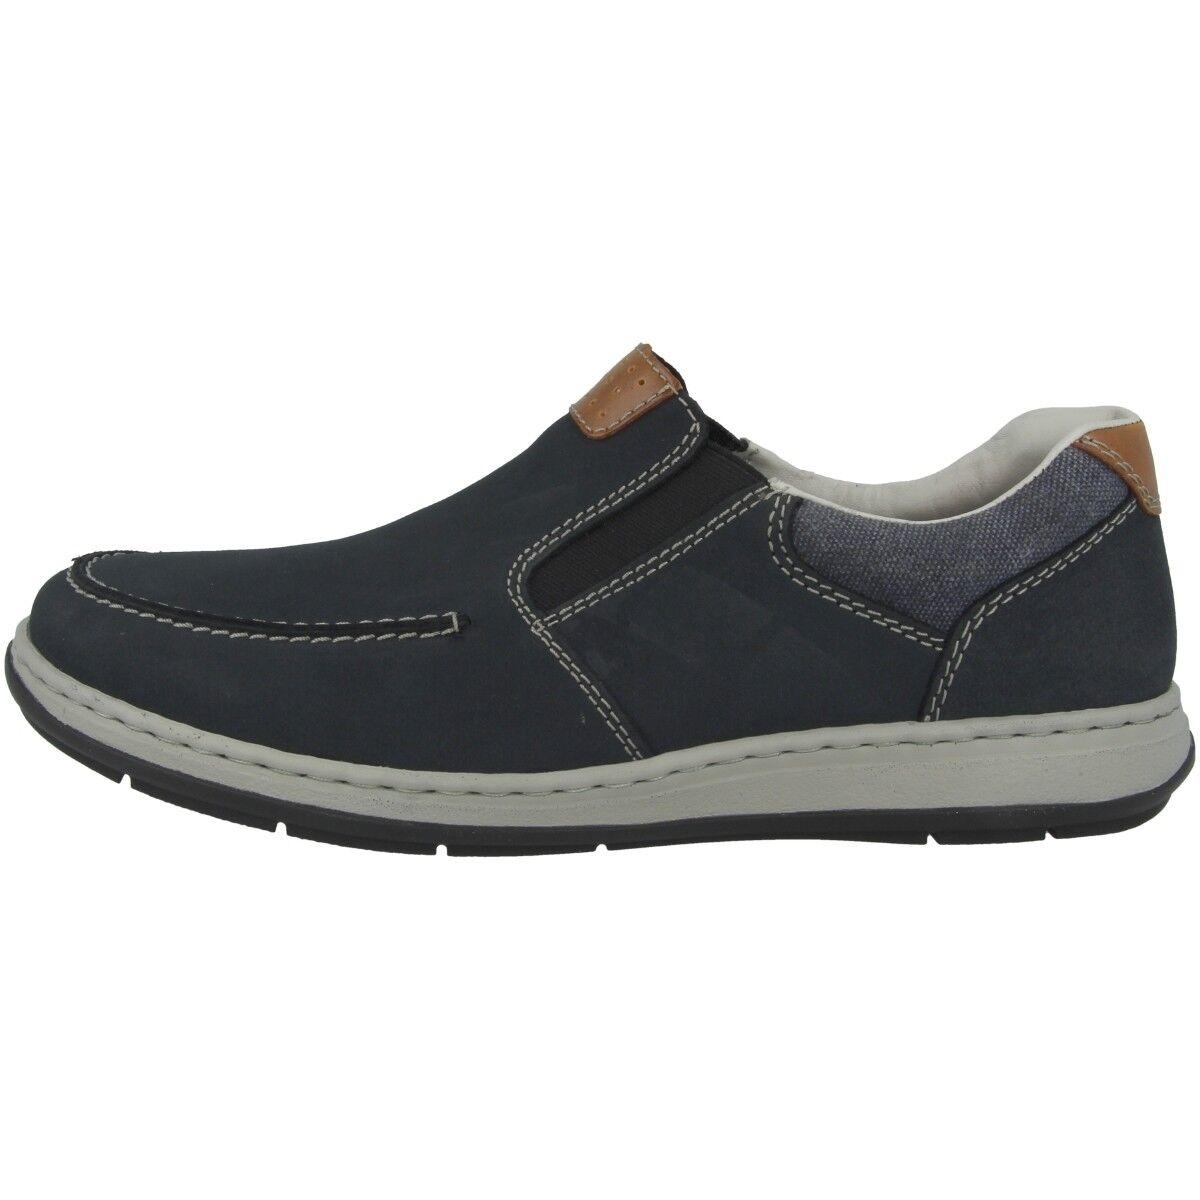 Rieker Patros-Ambor-Leinen chaussures Mocassins pour hommes Anti-stress 17360-15